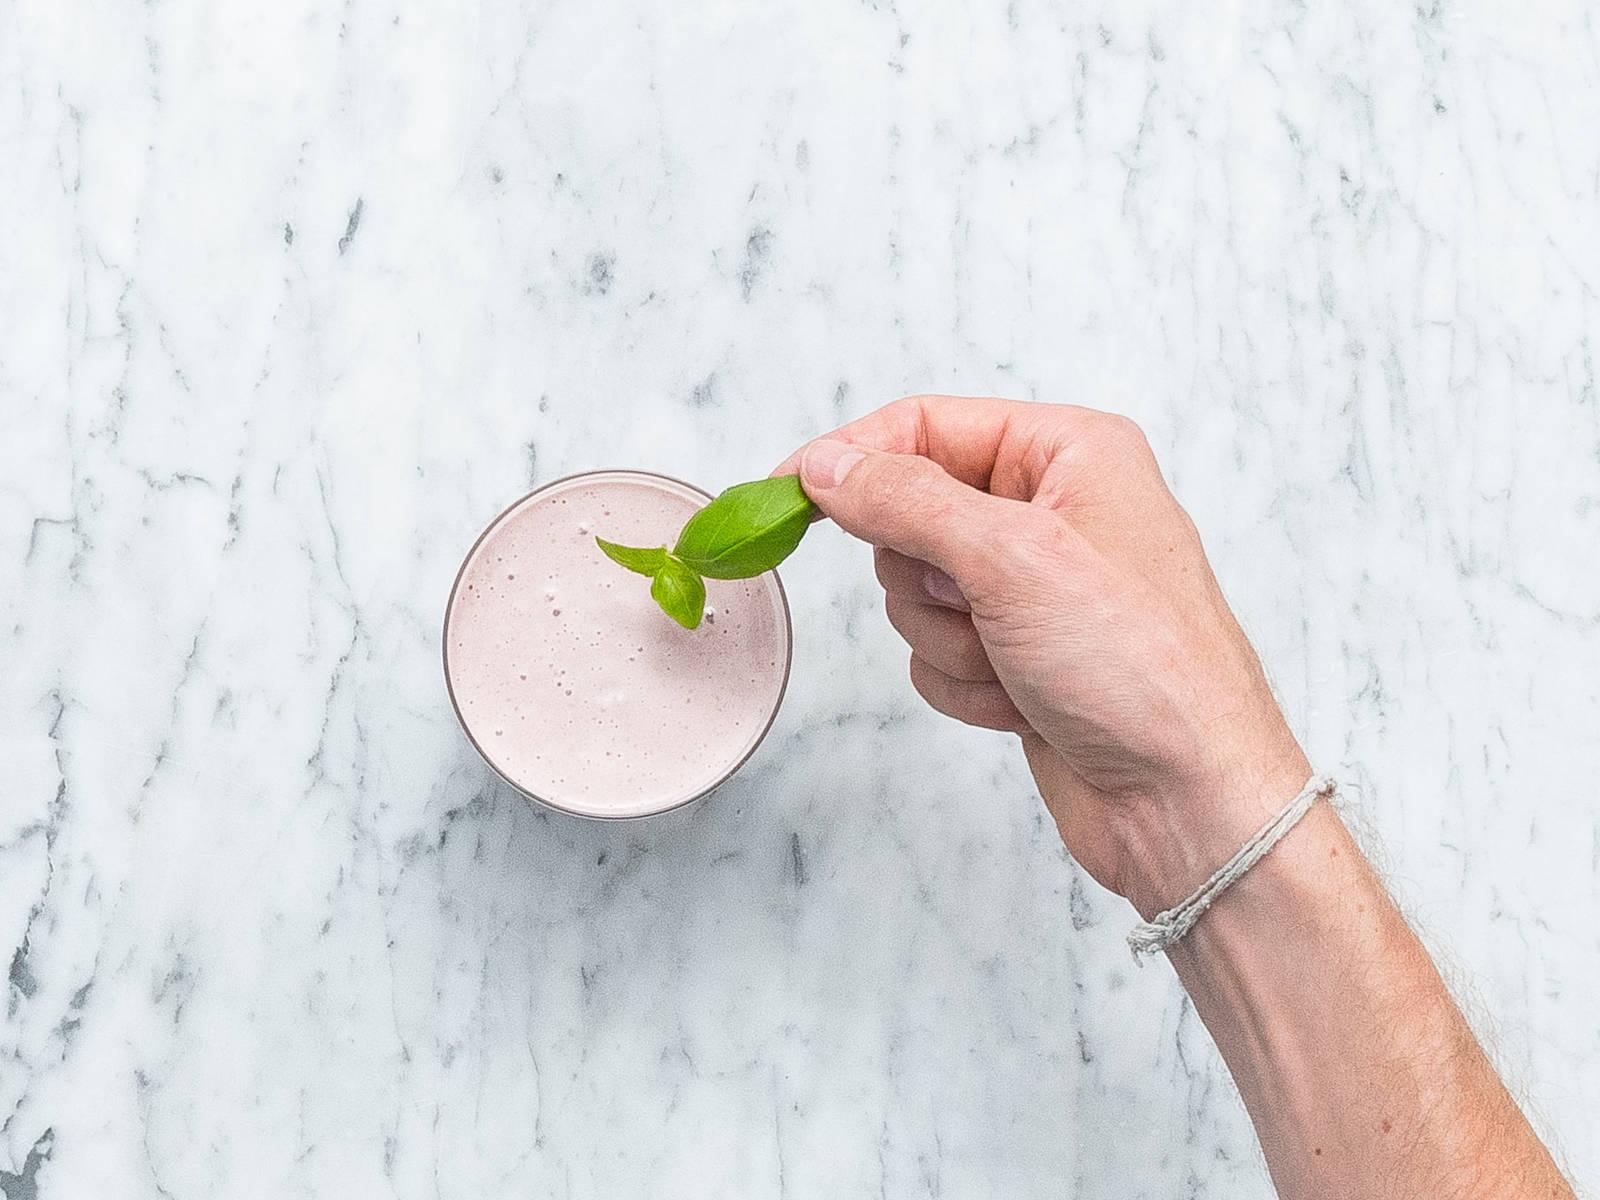 清洗草莓后摘去顶部叶片,切成四瓣。将奶昔倒入杯中,饰以罗勒叶和草莓。尽情享用吧!